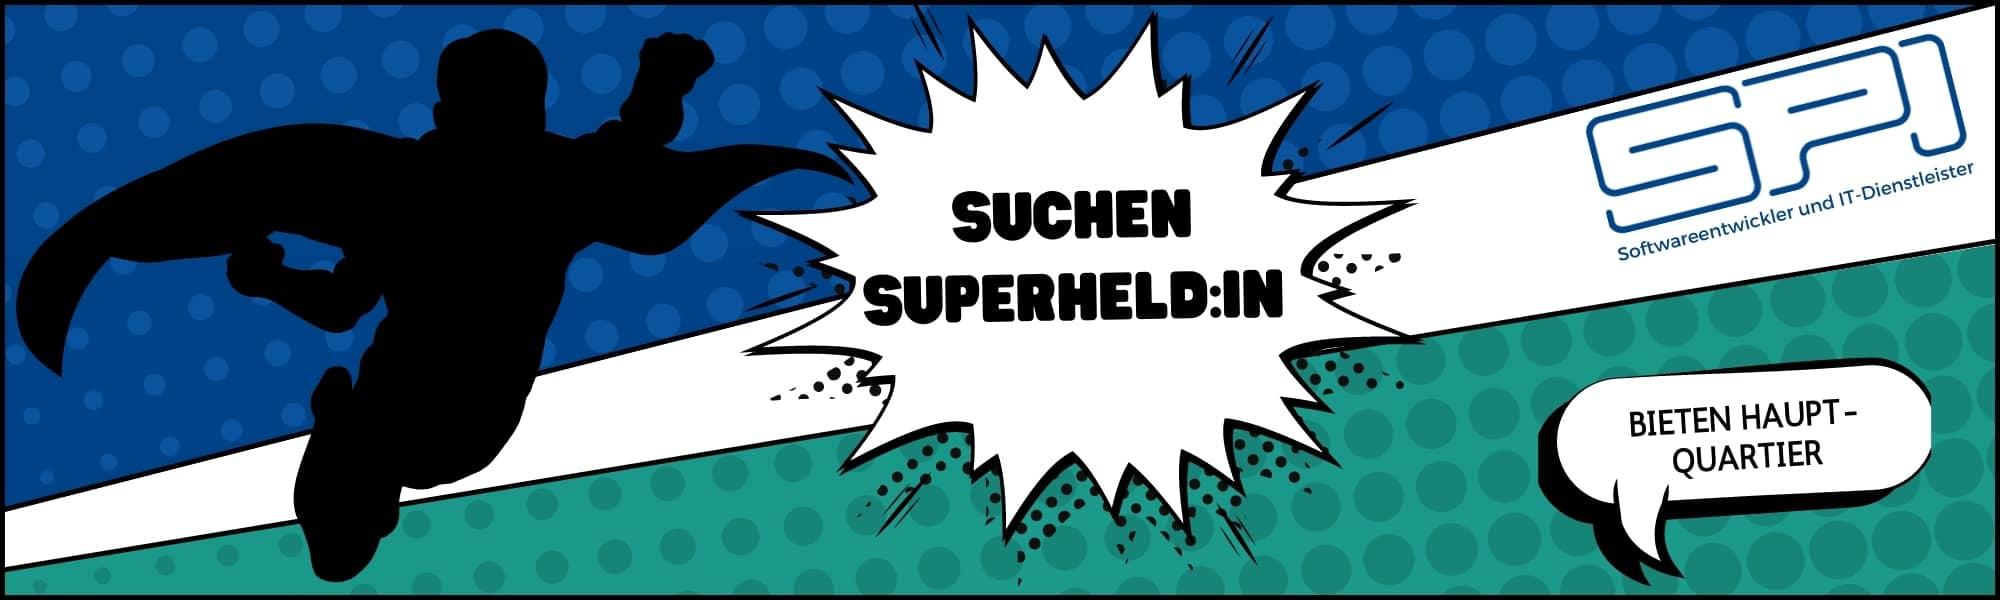 SPI Superhelden